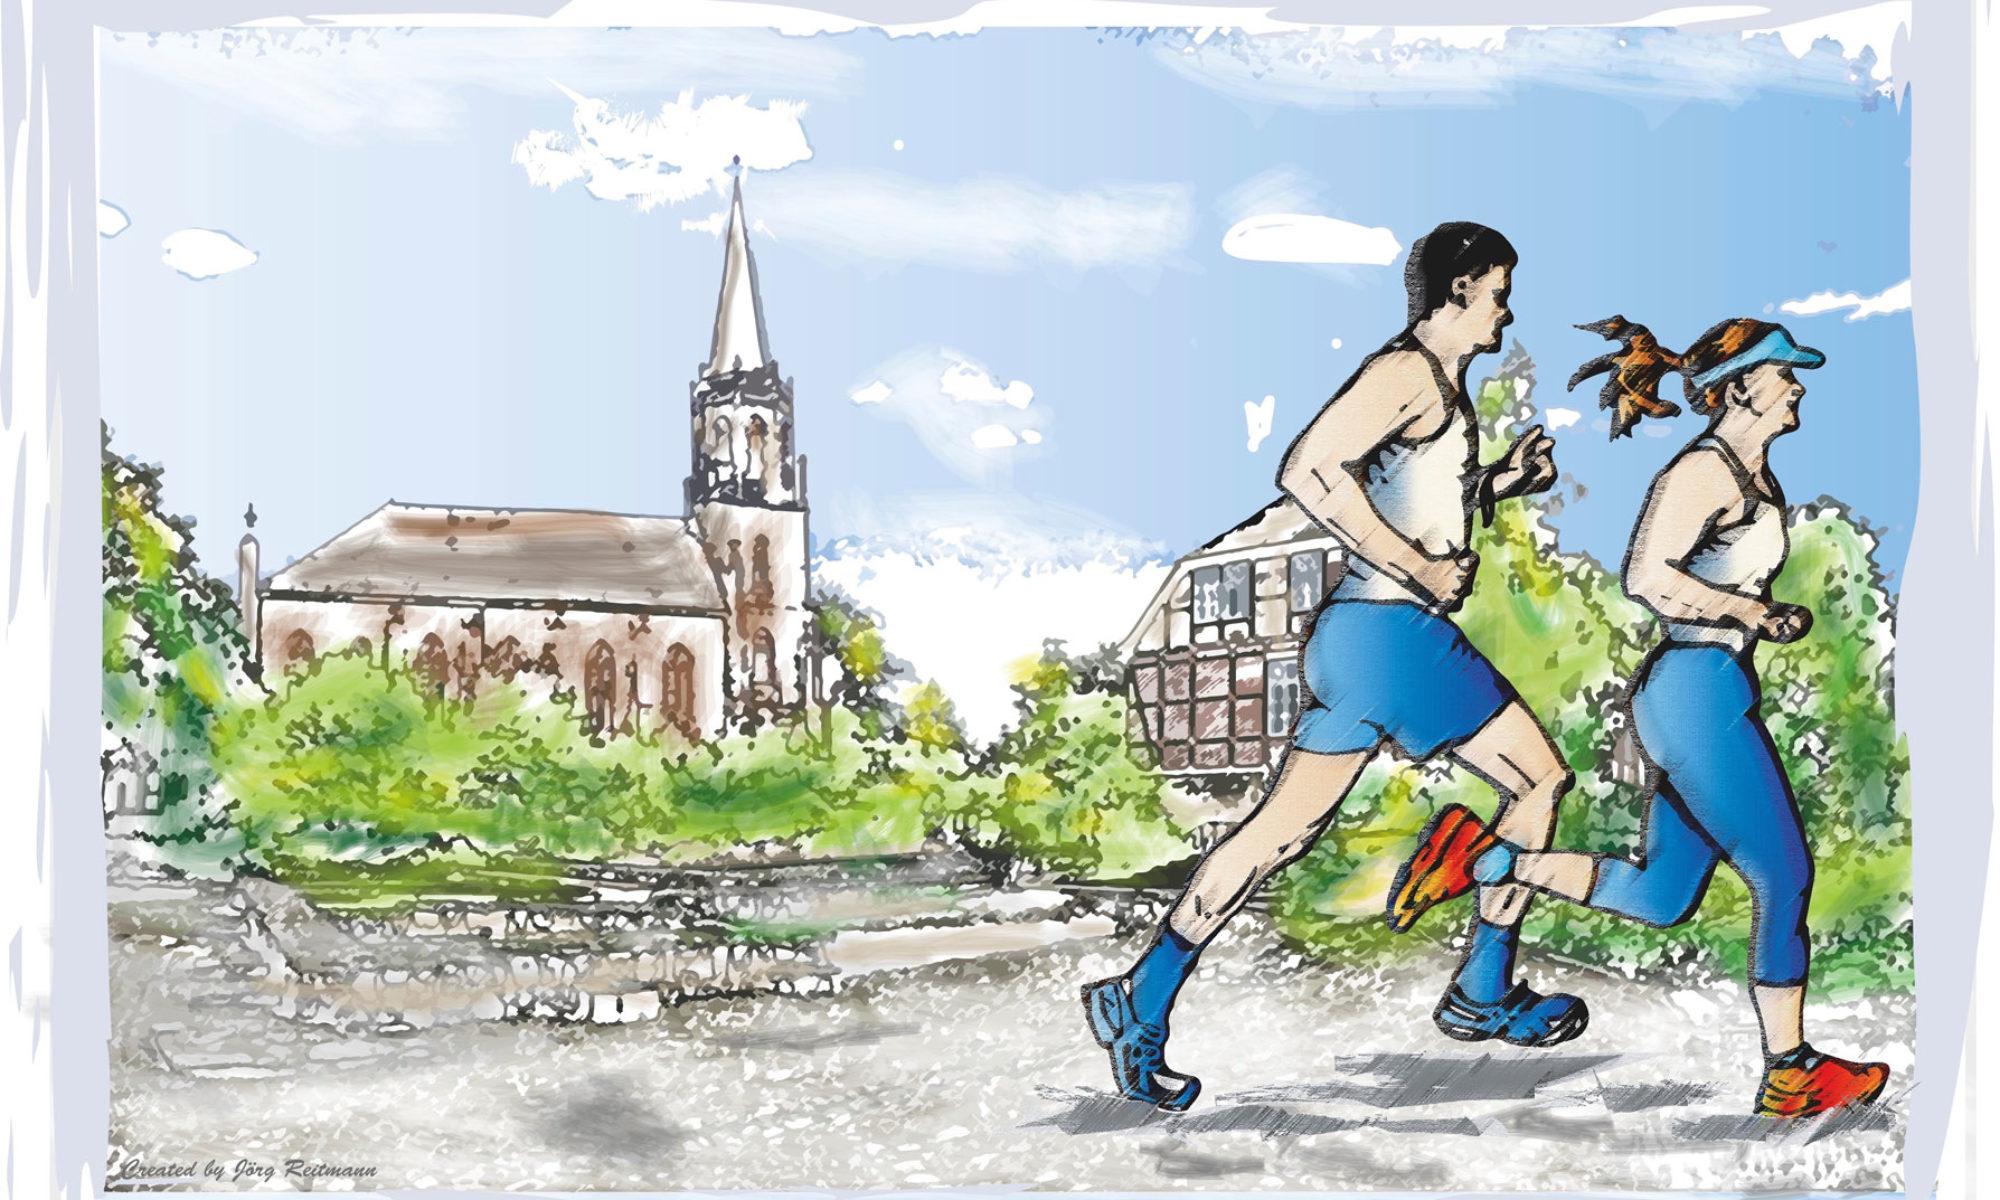 5. 6-Stundenlauf im Klosterpark Harsefeld am 21.11.2020